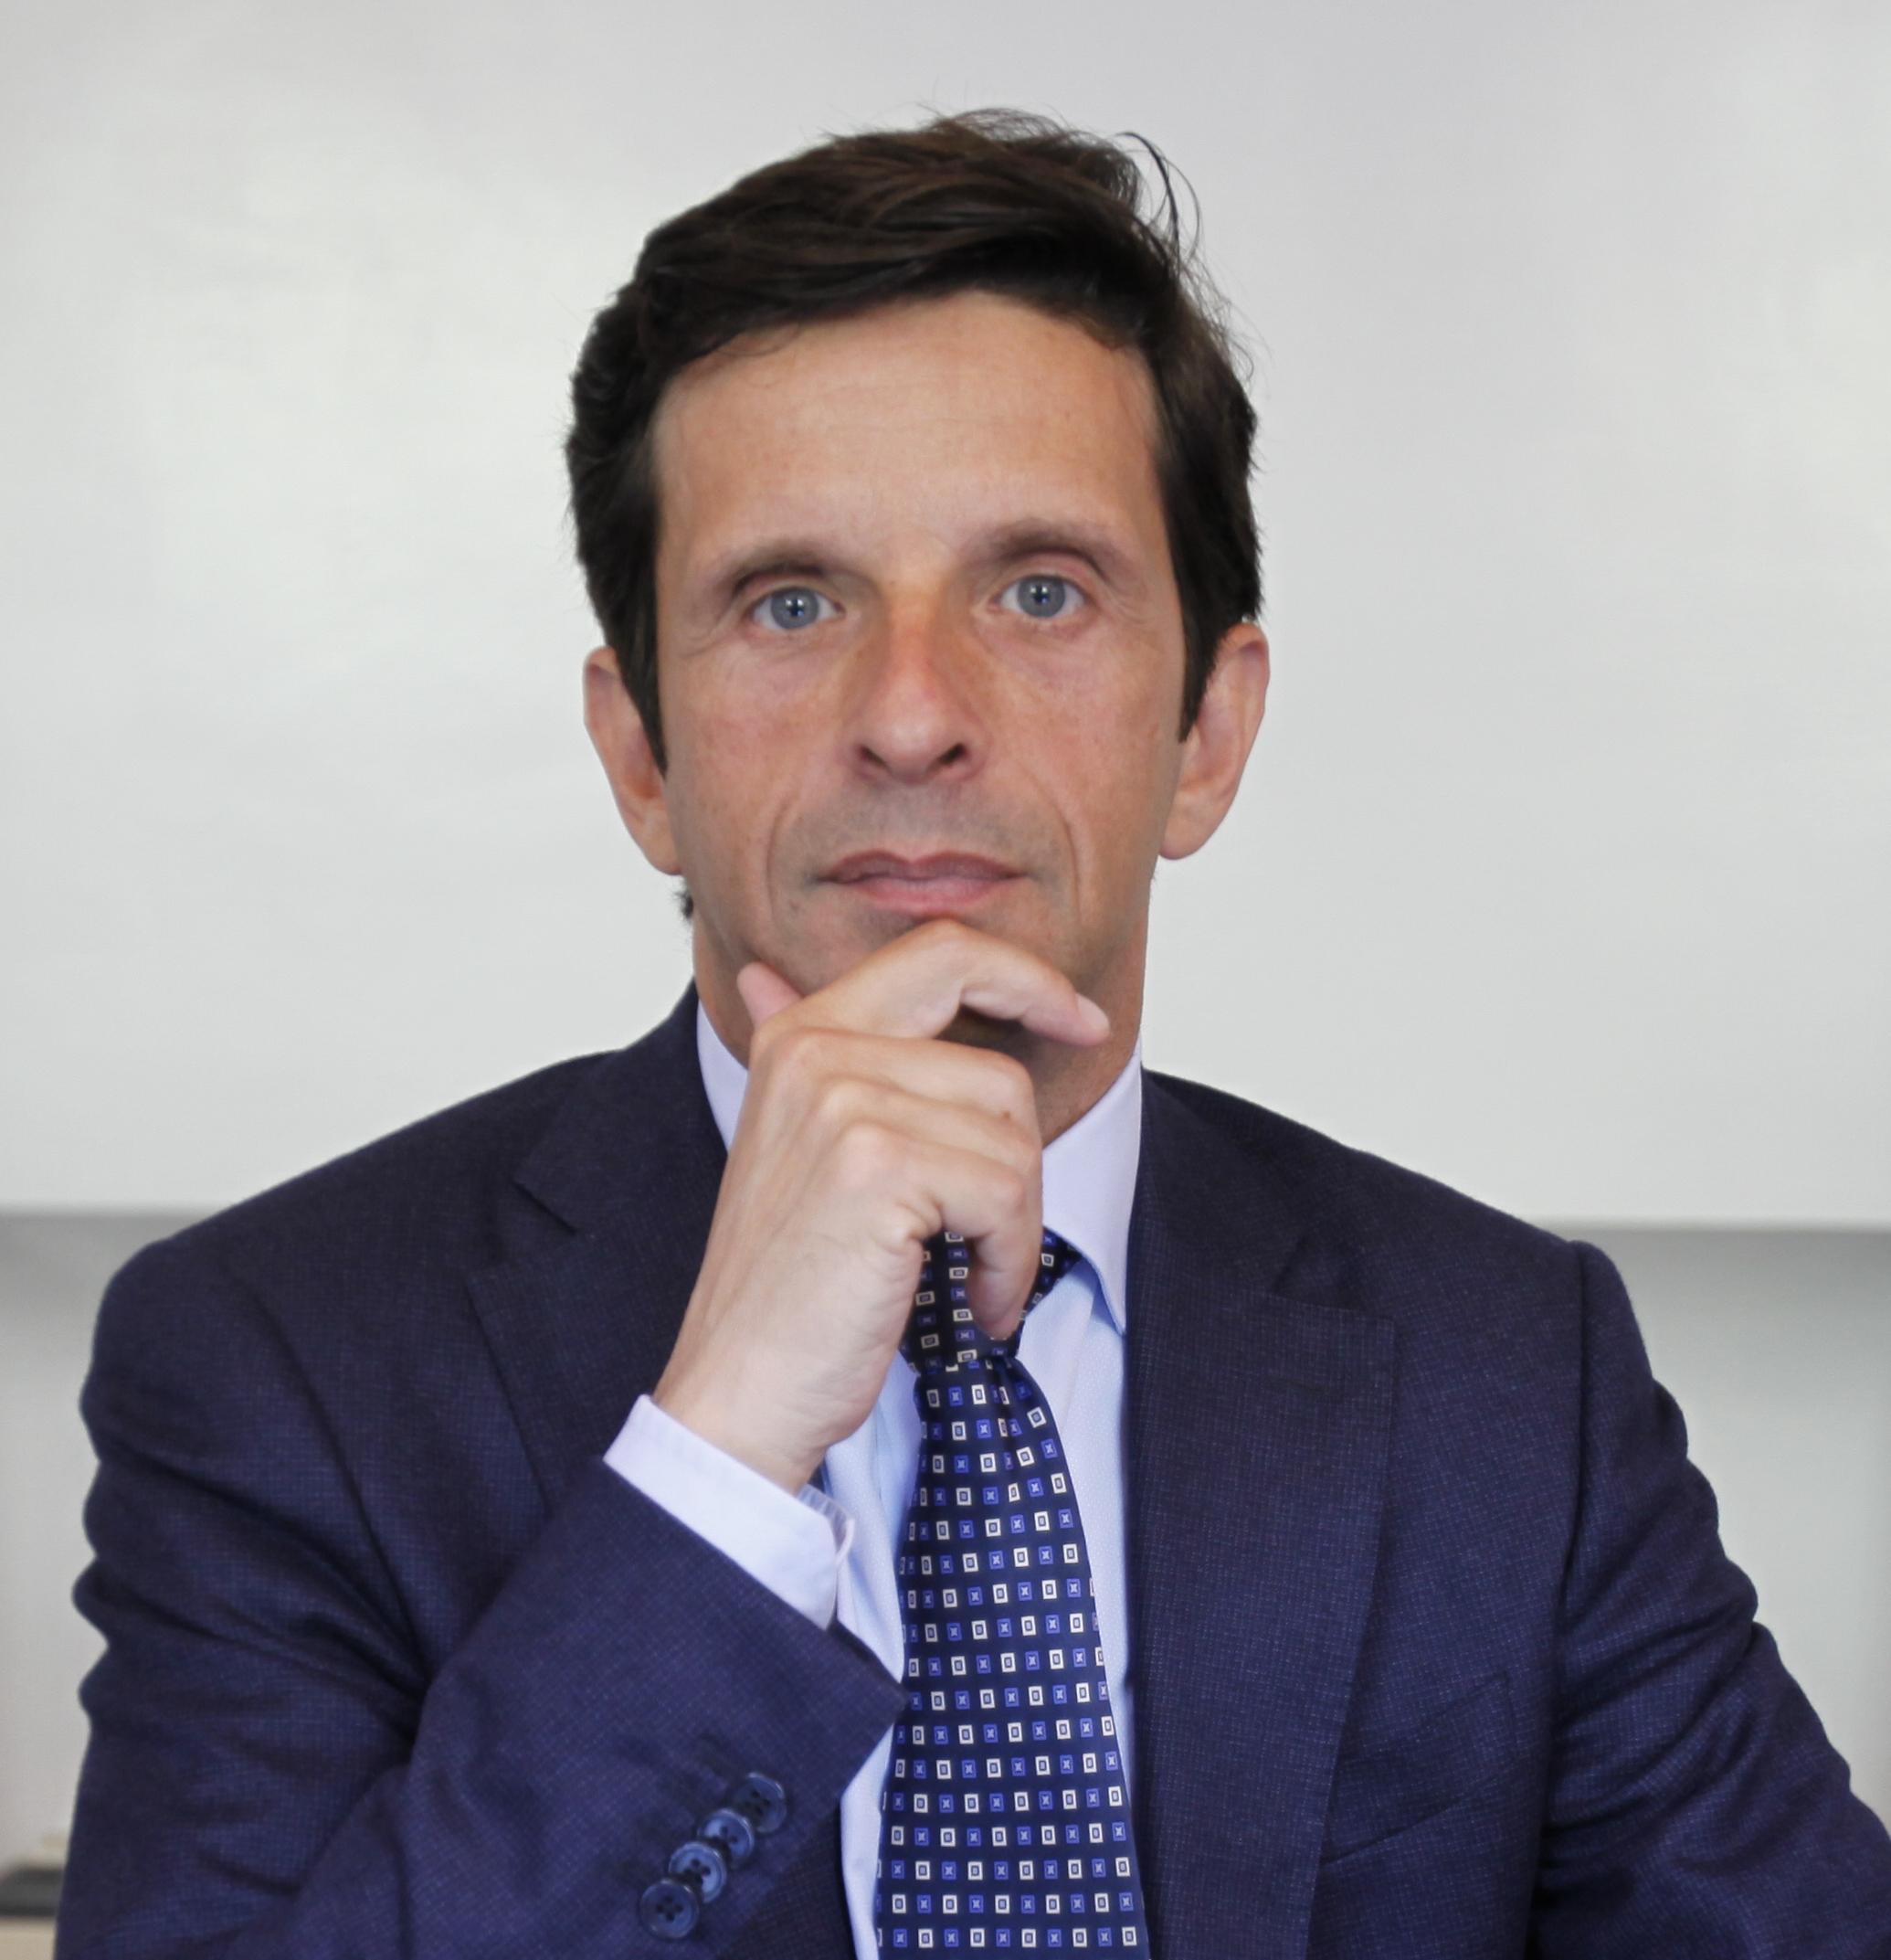 Leandro Aglieri